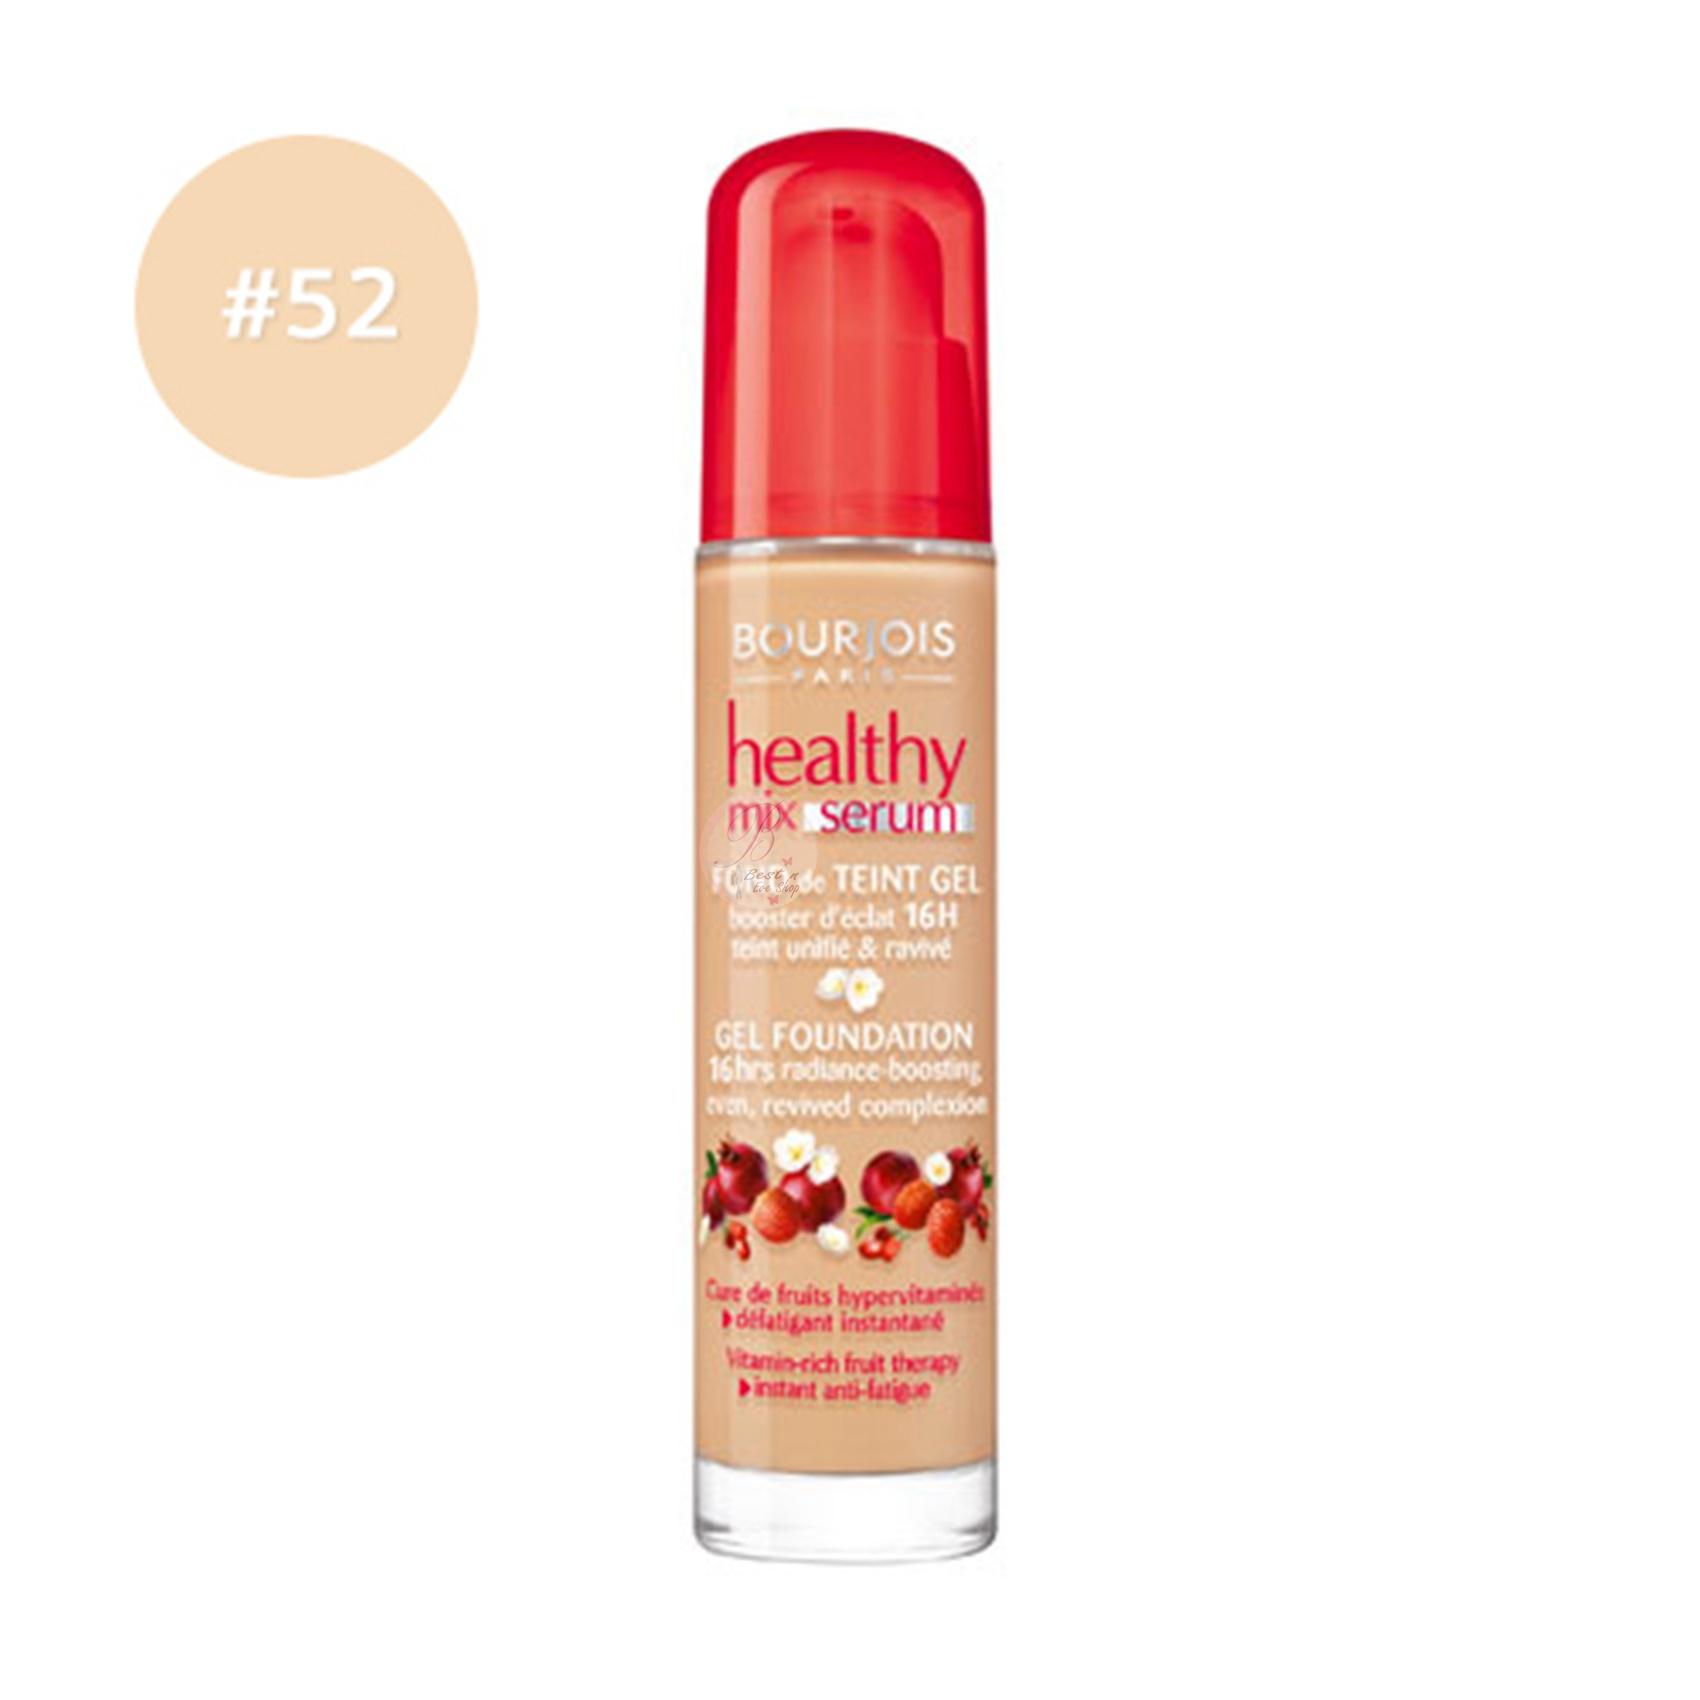 Bourjois Healthy Mix Serum Gel Foundation #52 Vanilla Clair 30ml